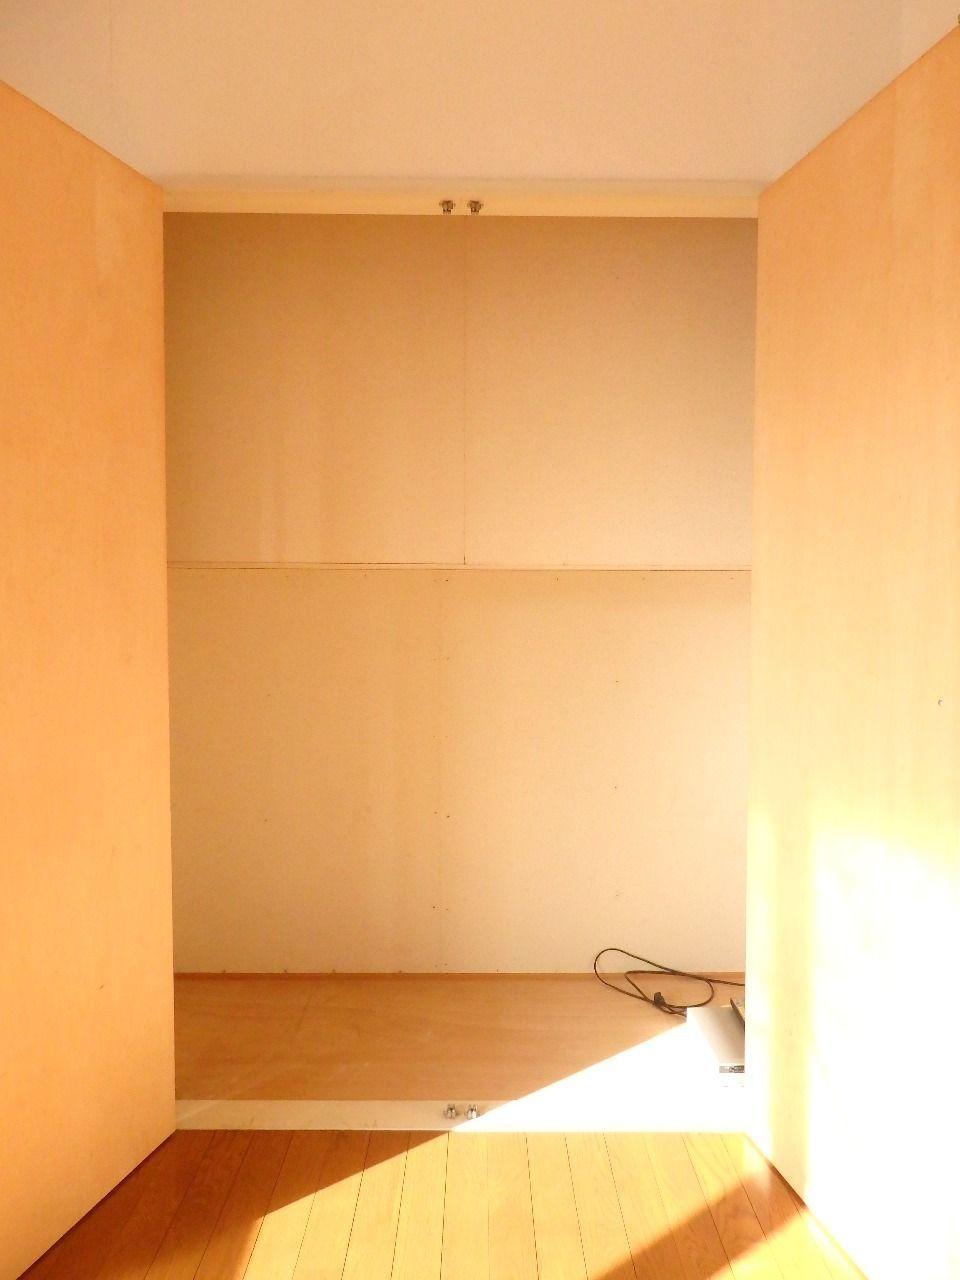 こちらの収納は観音開きタイプの扉なのでとても収納しやすいです。